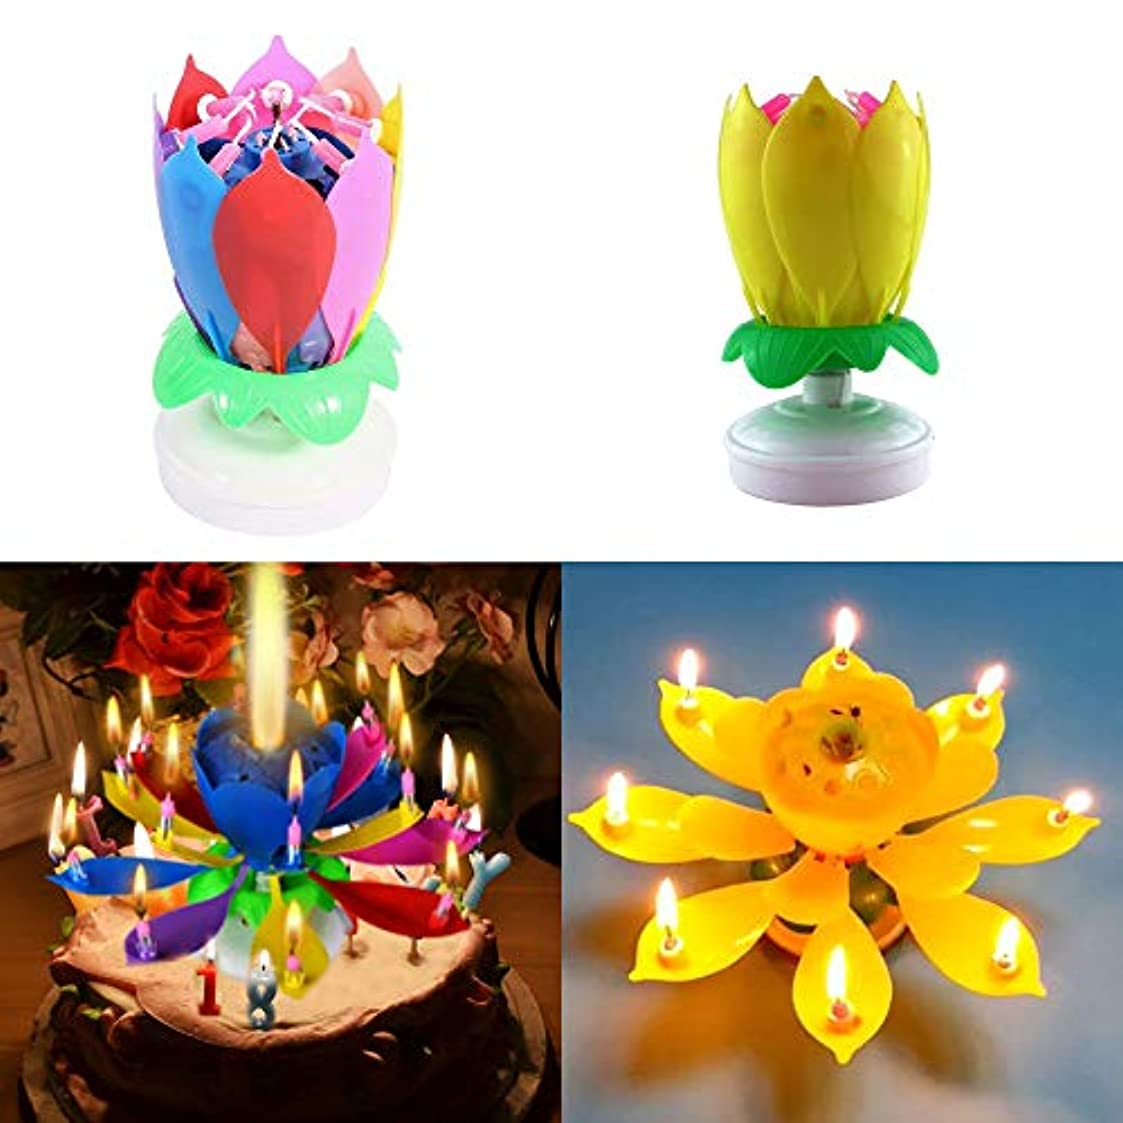 民間折吸収Homuner 誕生日キャンドル,2つの層 14 キャンドル 蓮の形状 360度自動回転 音楽キャンドル, 誕生日の歌を弾く,